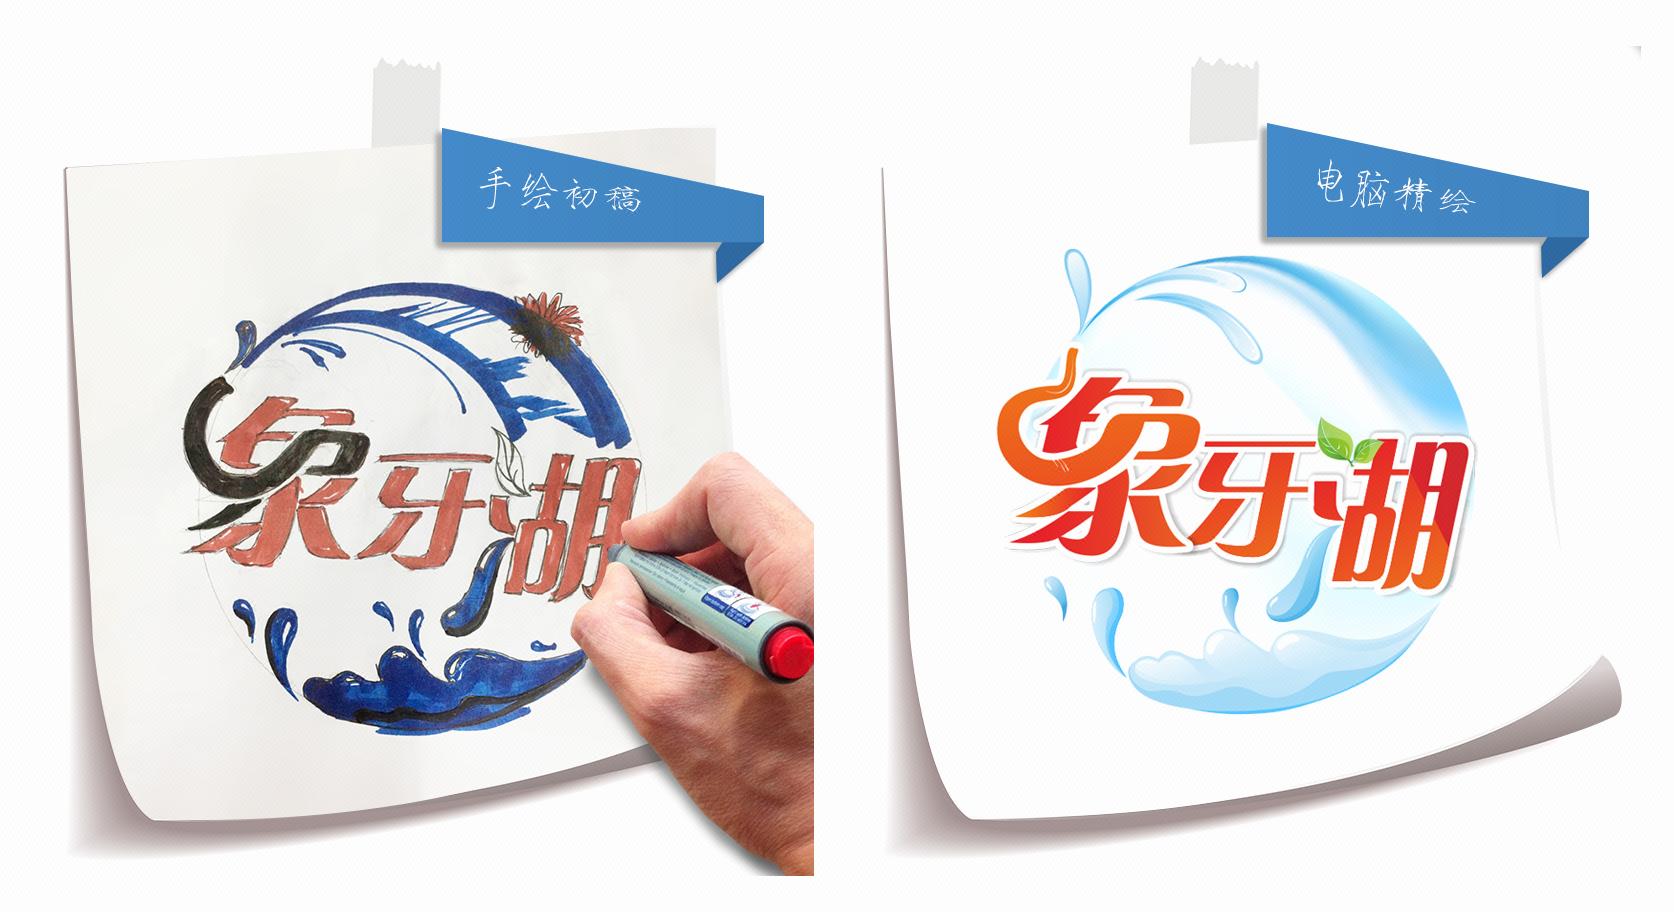 咔猫 北京logo设计 图文 文字 图形标志设计 VI系统